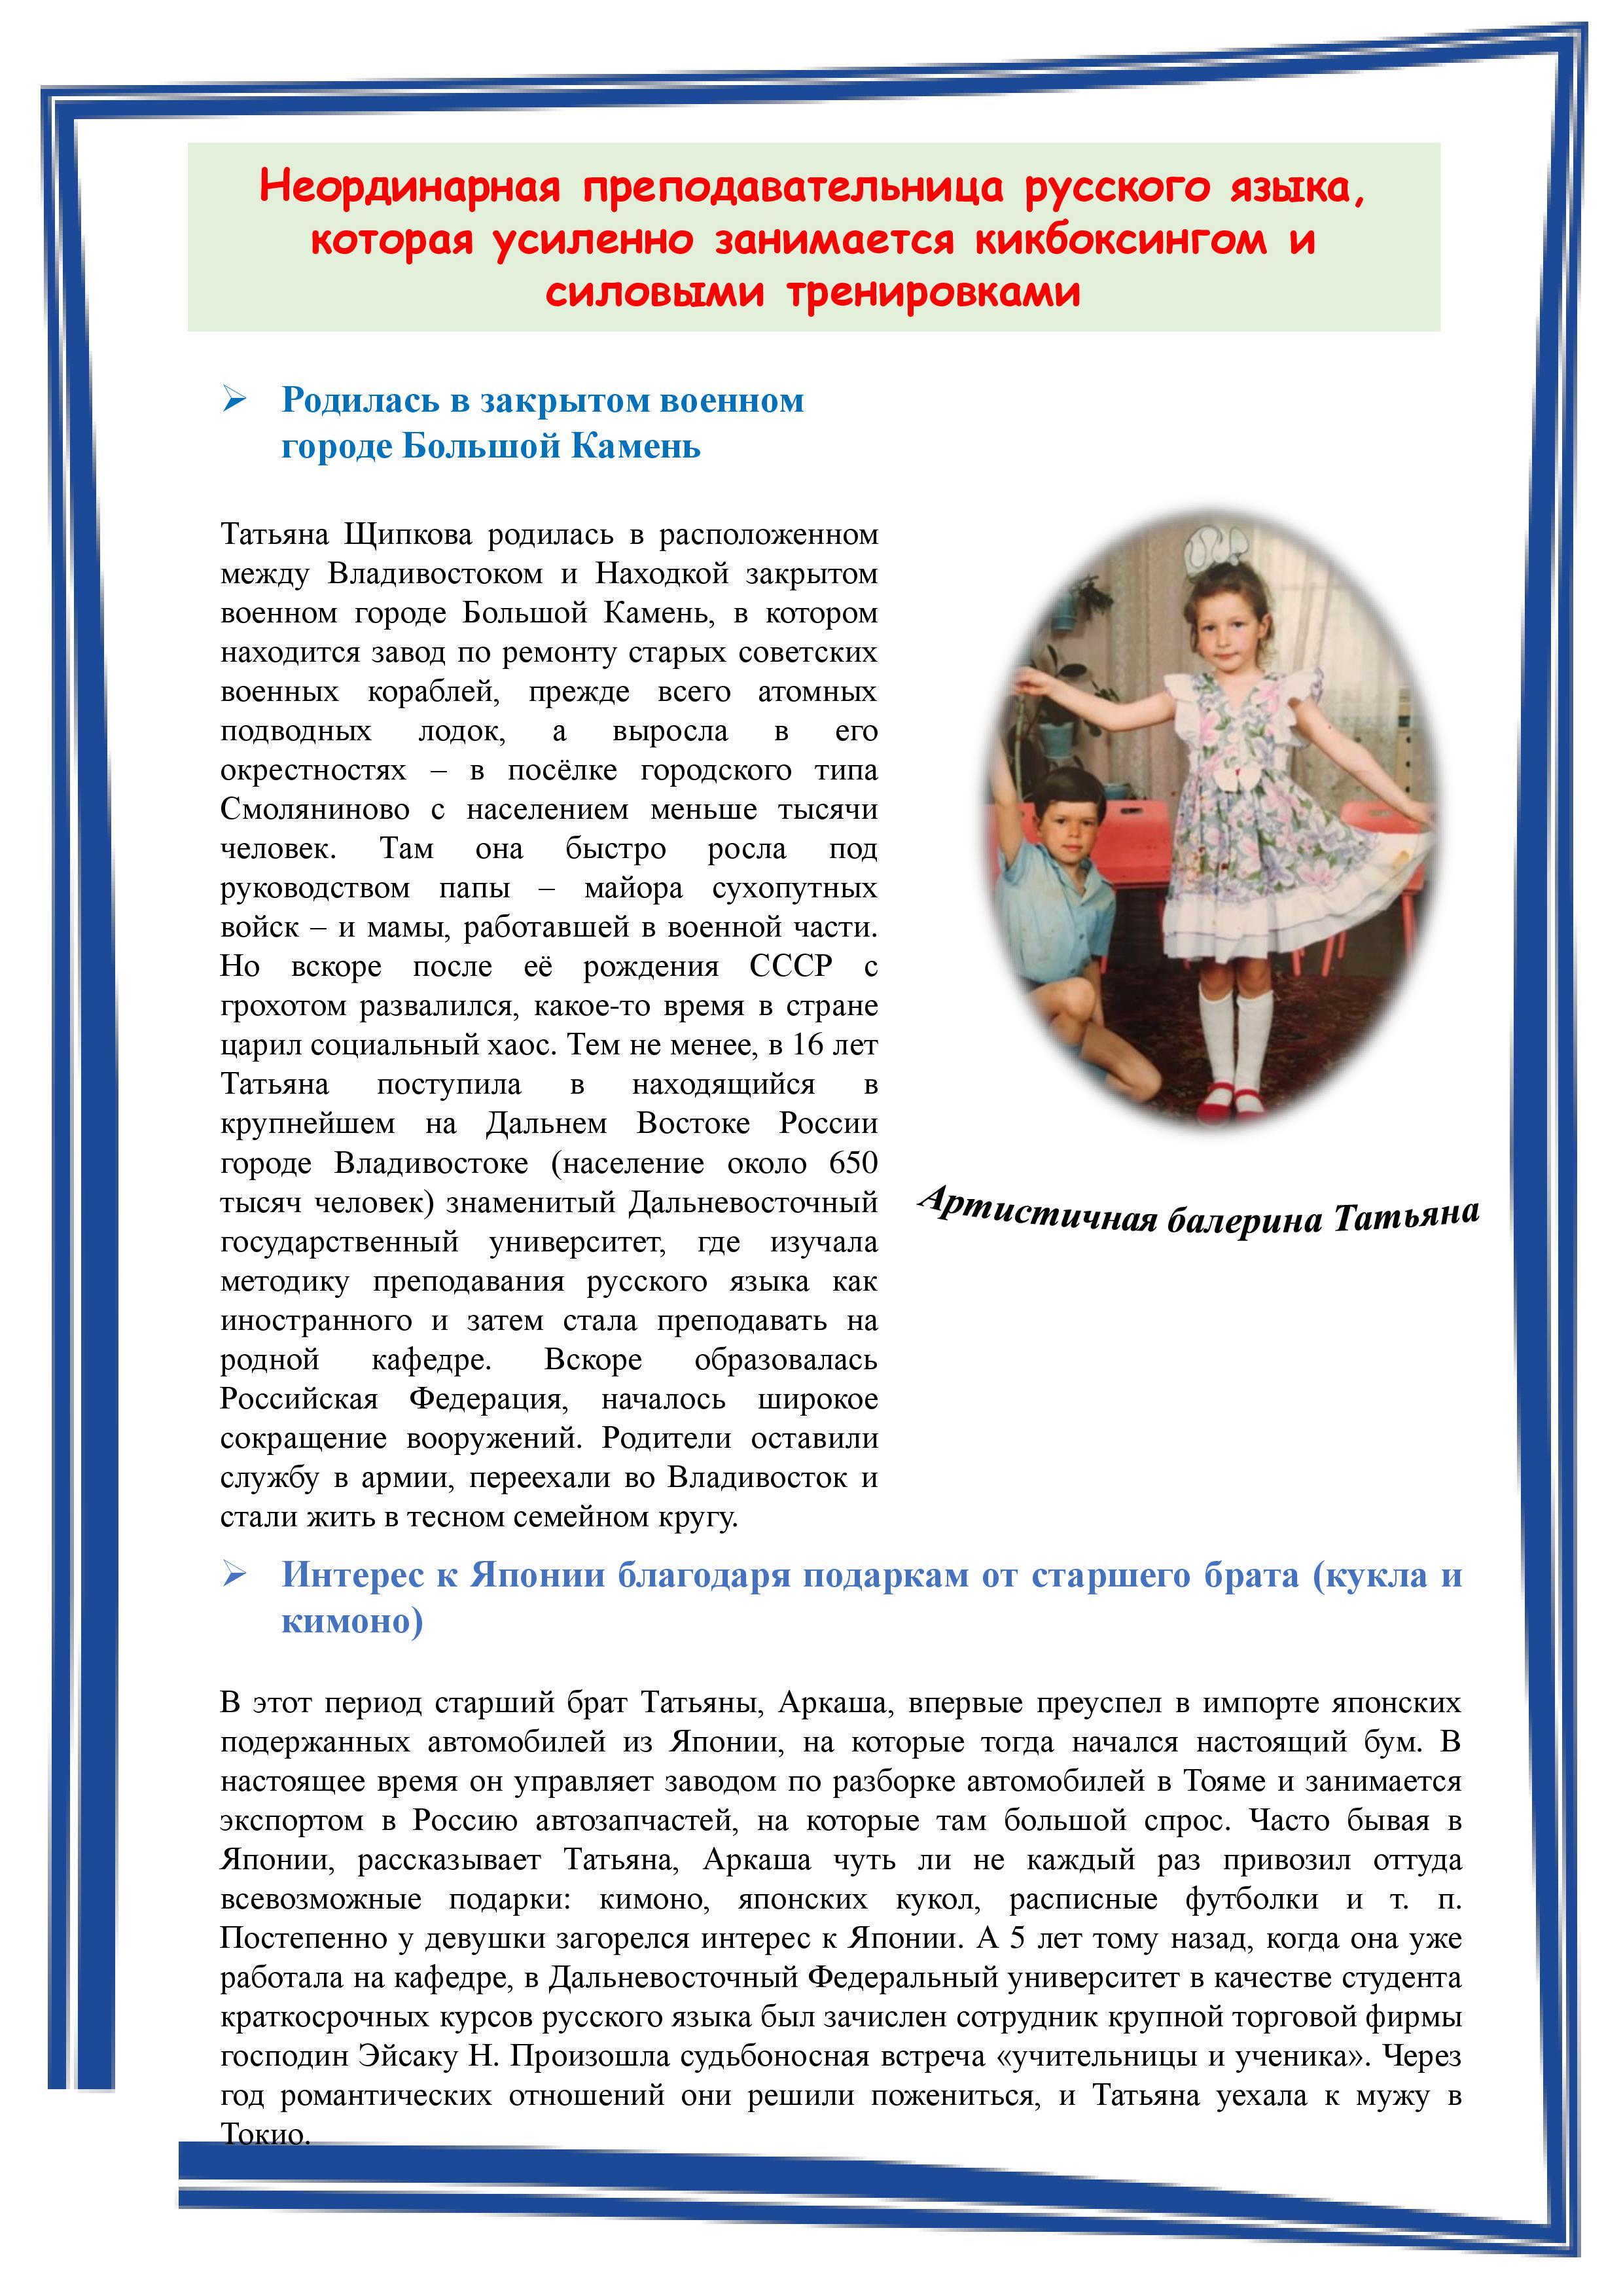 キックボクシング、筋肉トレーニングに励む異色のロシア語講師・タチアーナさん (ロシア語版)rev Tat